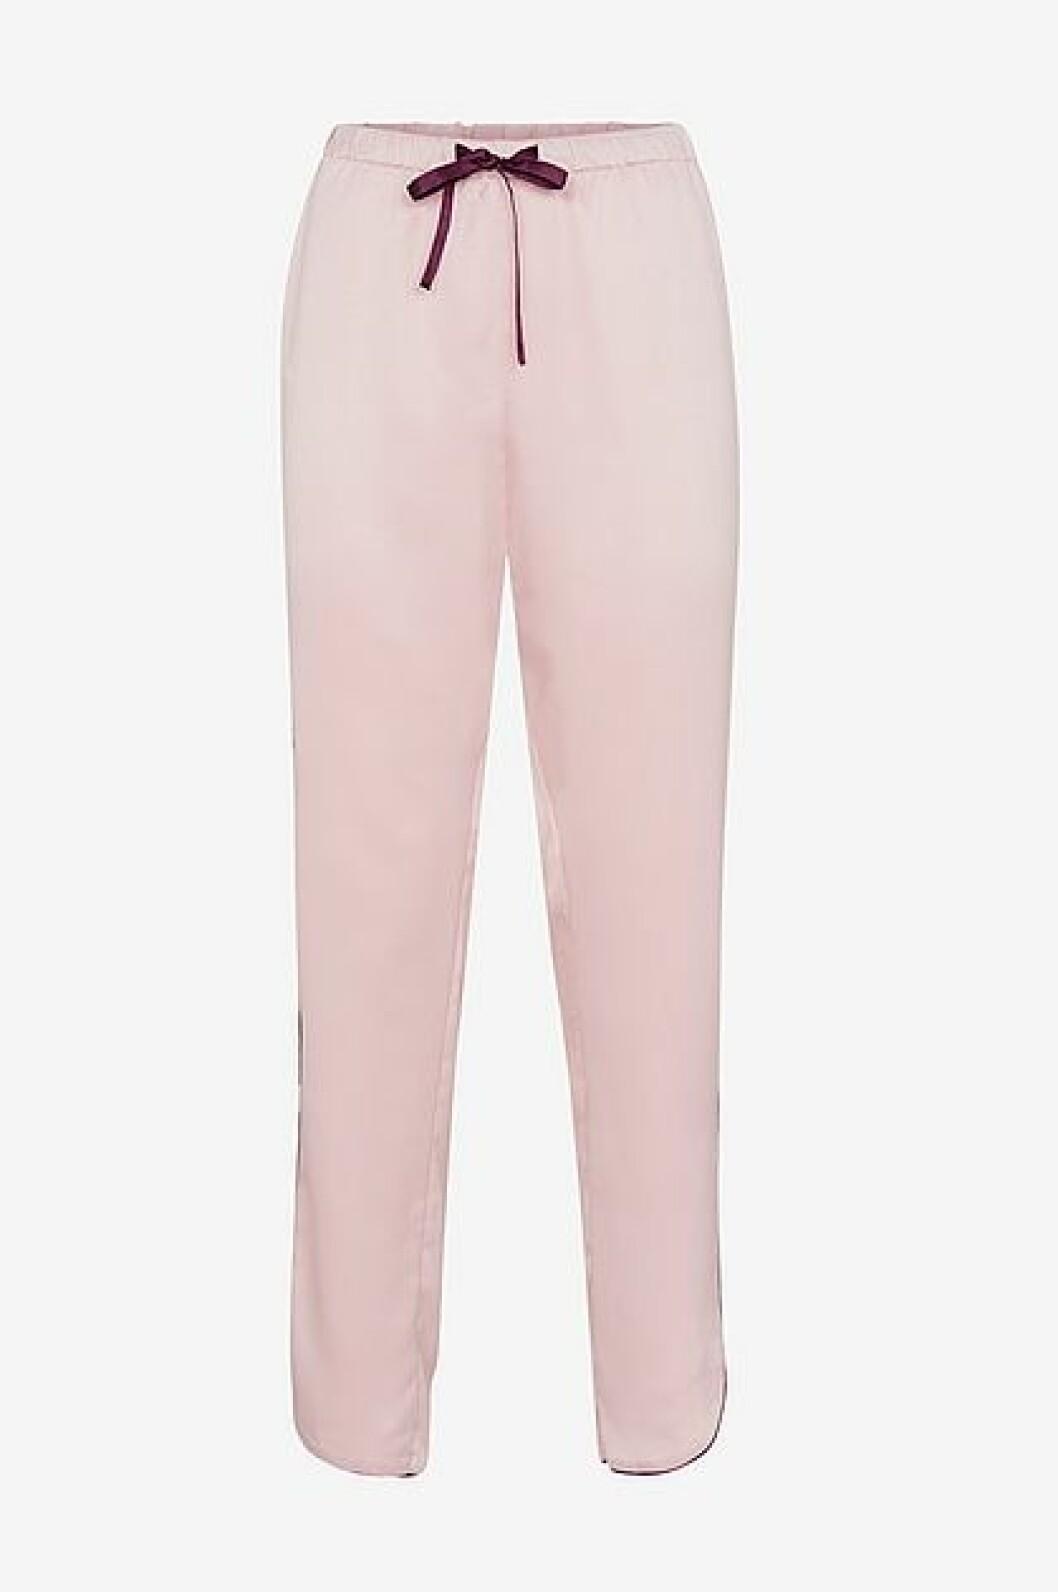 Bukse fra Ellos (overdel følger med) |349,-| https://www.ellos.no/ellos-collection/pyjamas-klara/7005067-02